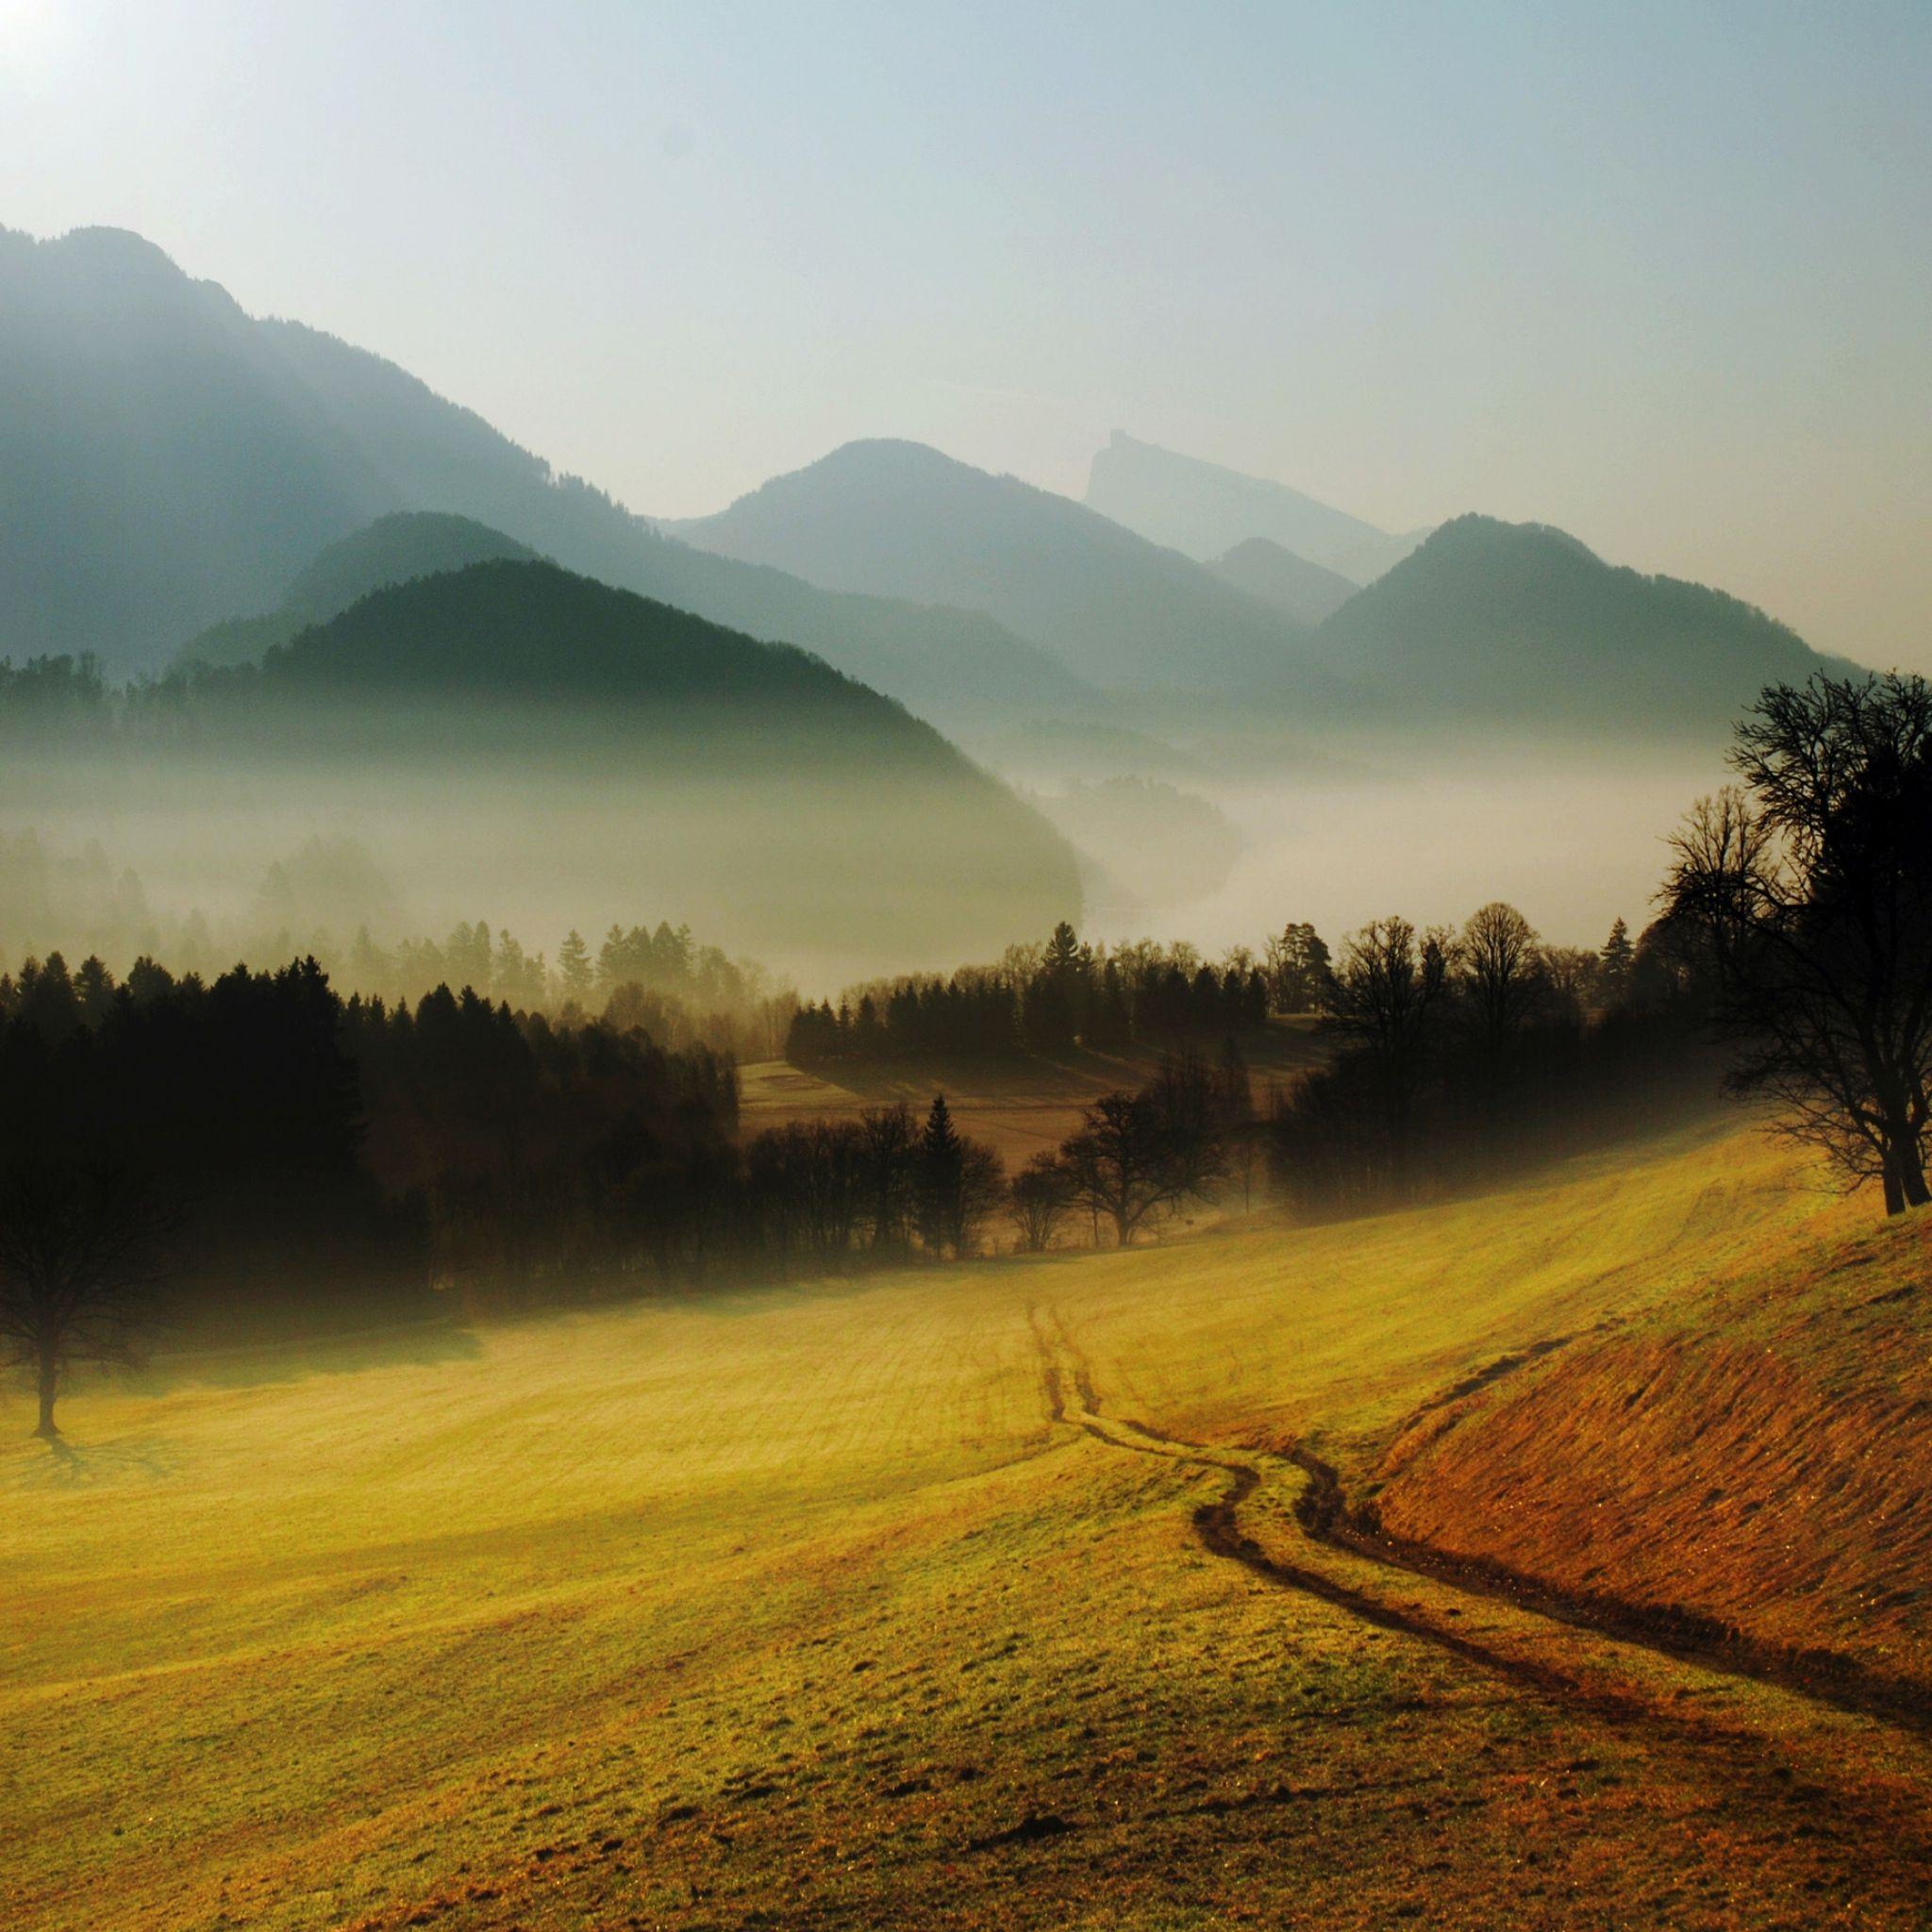 Colinas 2048x2048 Papel de Parede, montanhas, estrada, país, manhã, nevoeiro, alívio